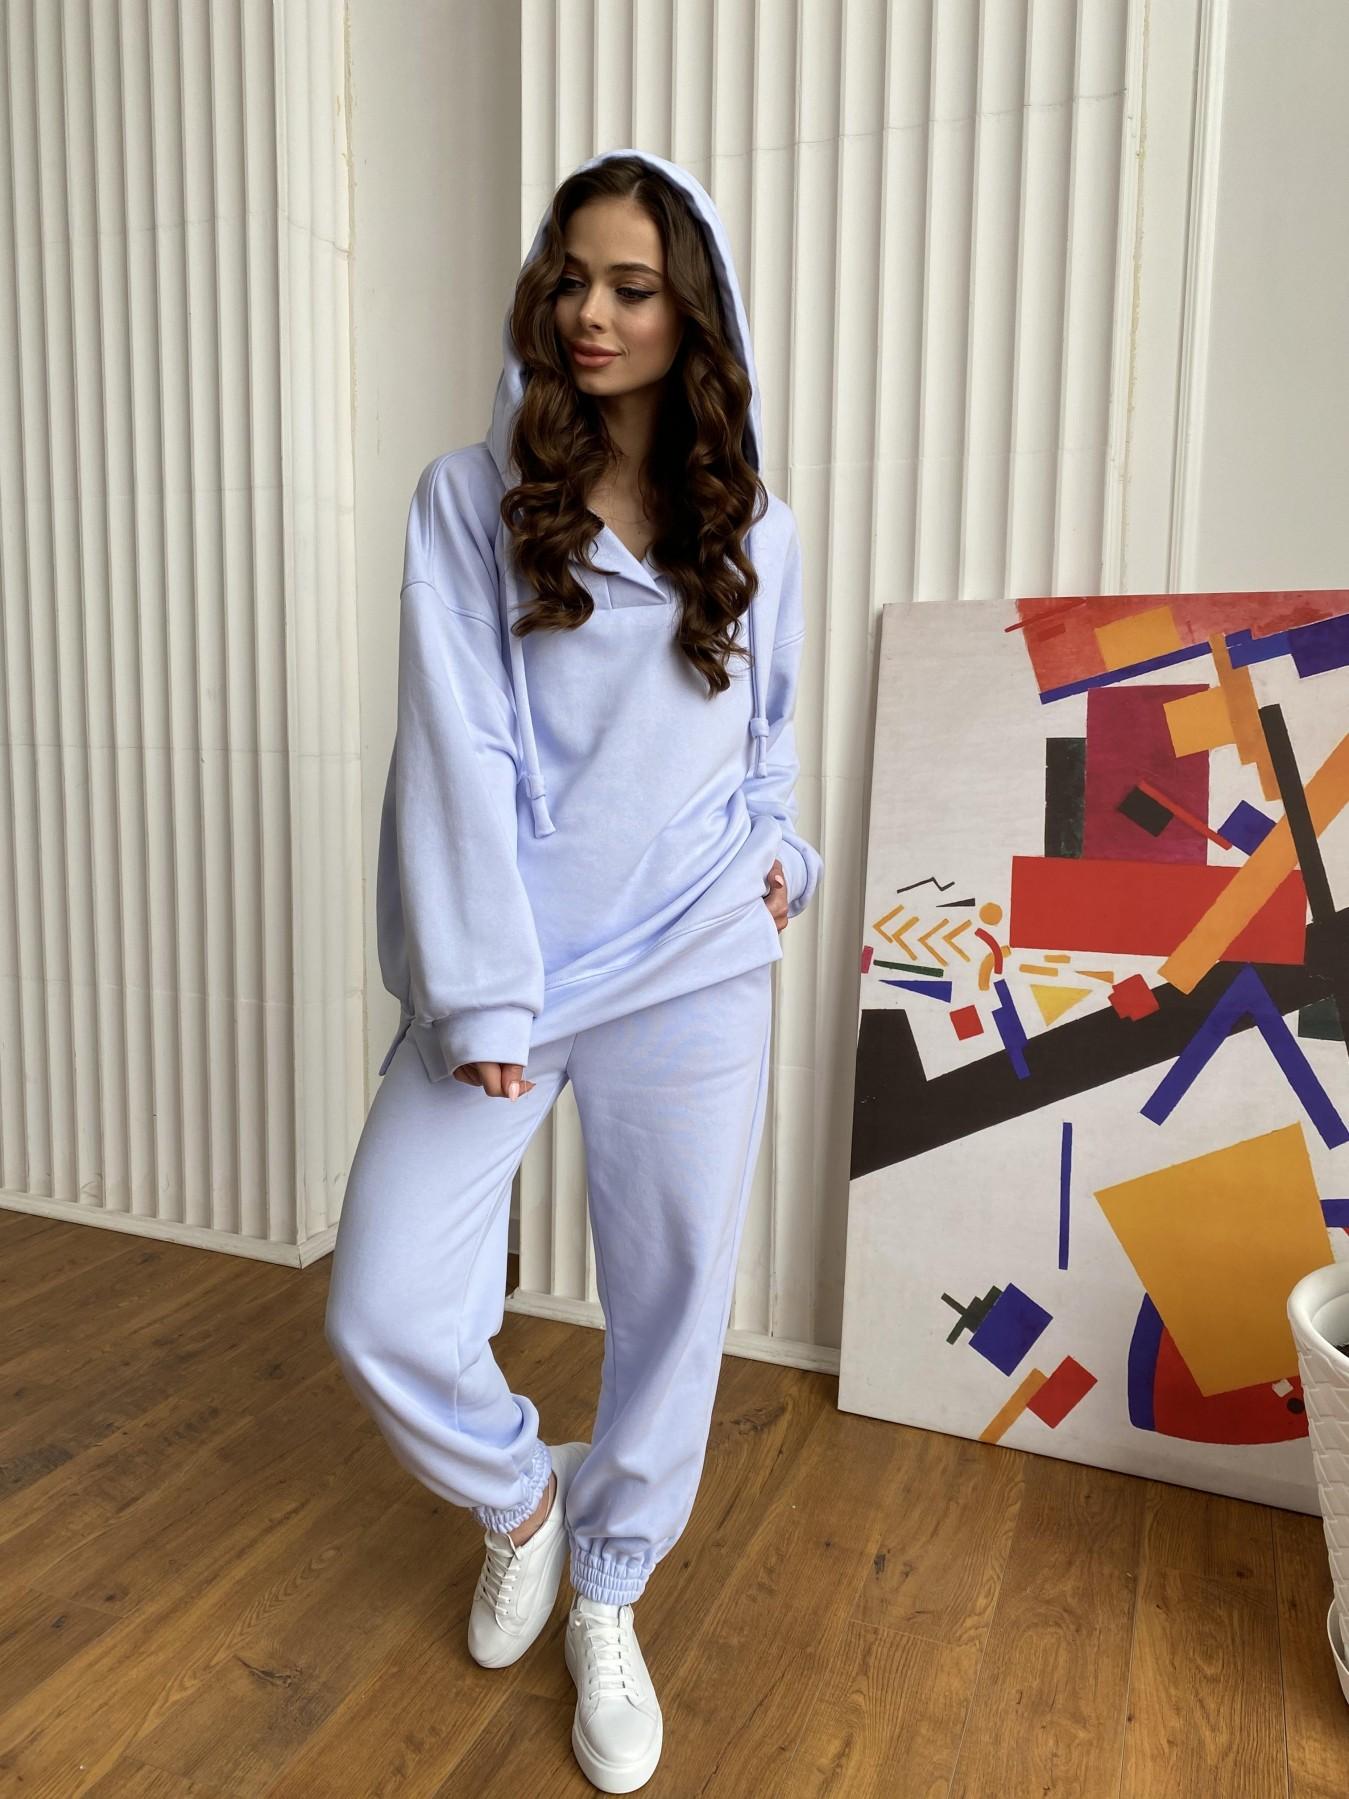 Ярис костюм из 3х нитки 10789 АРТ. 47636 Цвет: Голубой Светлый - фото 8, интернет магазин tm-modus.ru